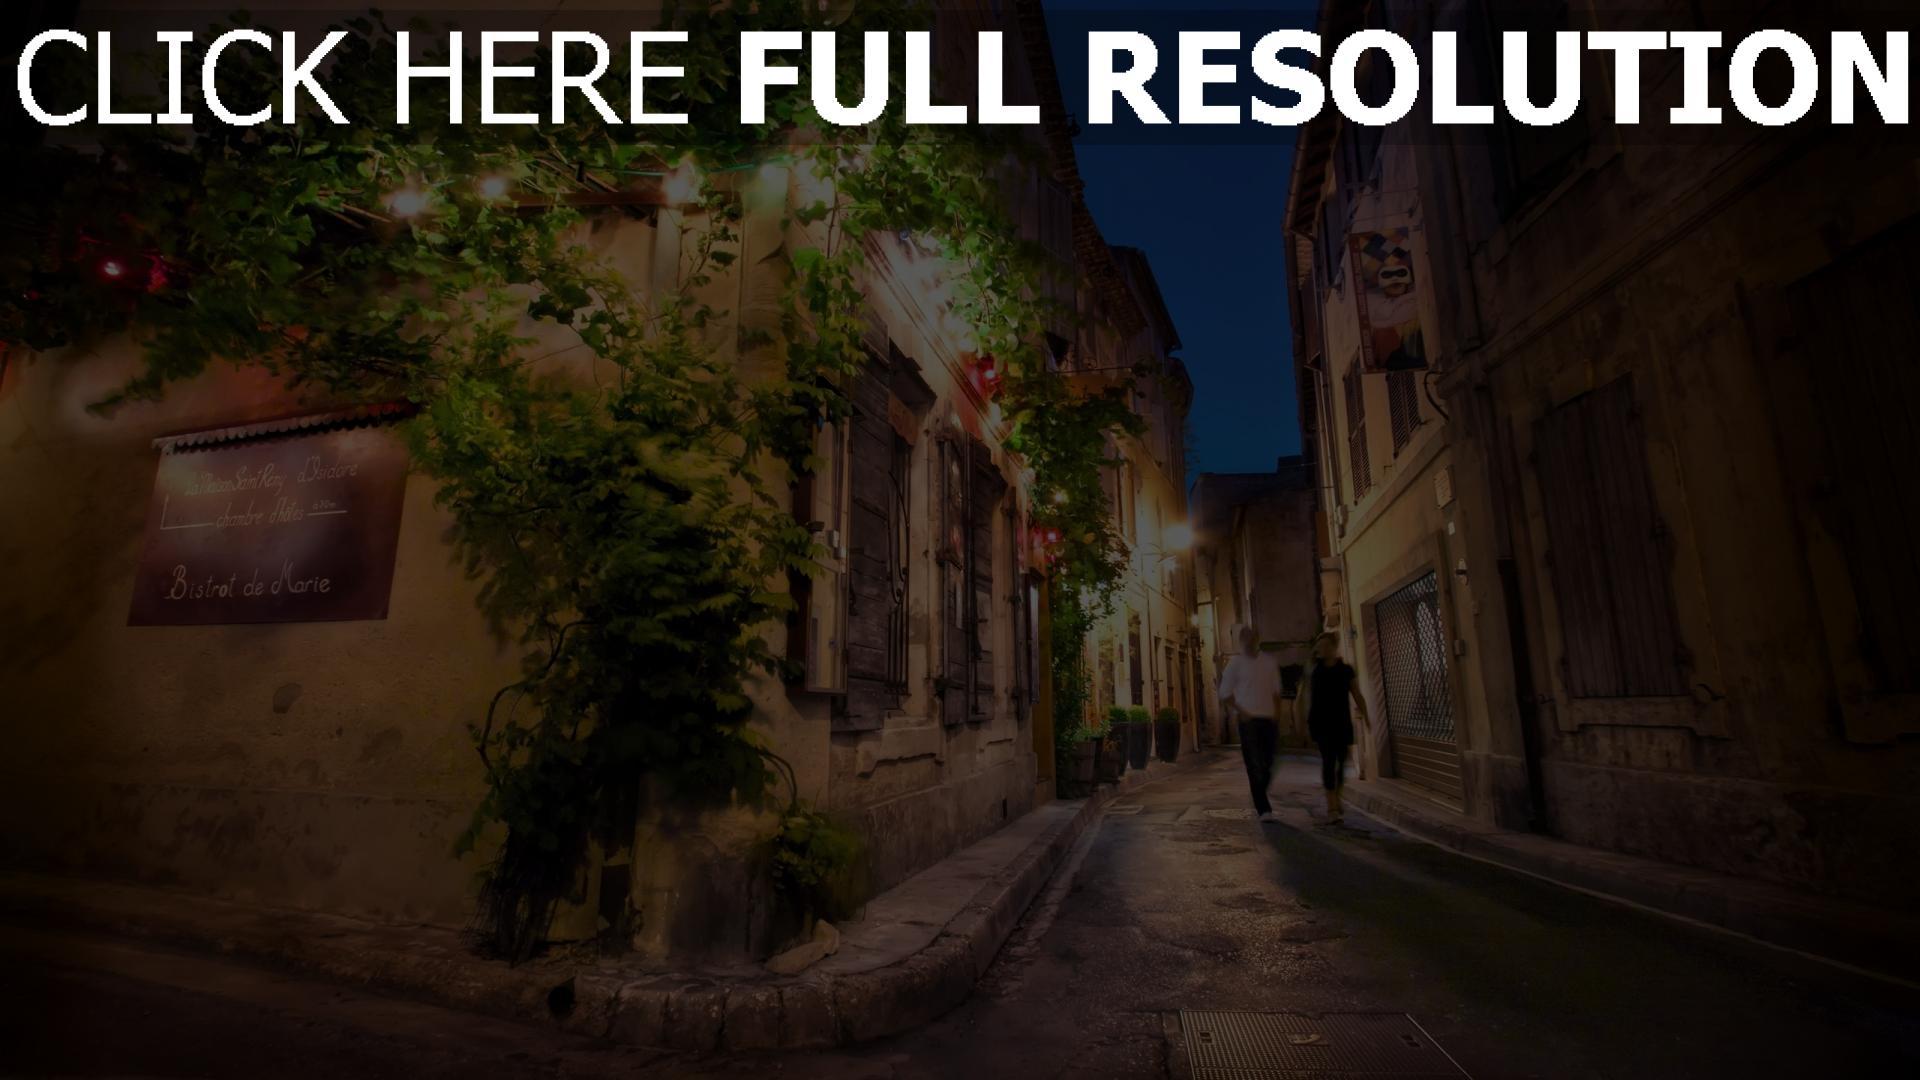 hd hintergrundbilder straße frankreich nacht gebäude paar romantik 1920x1080